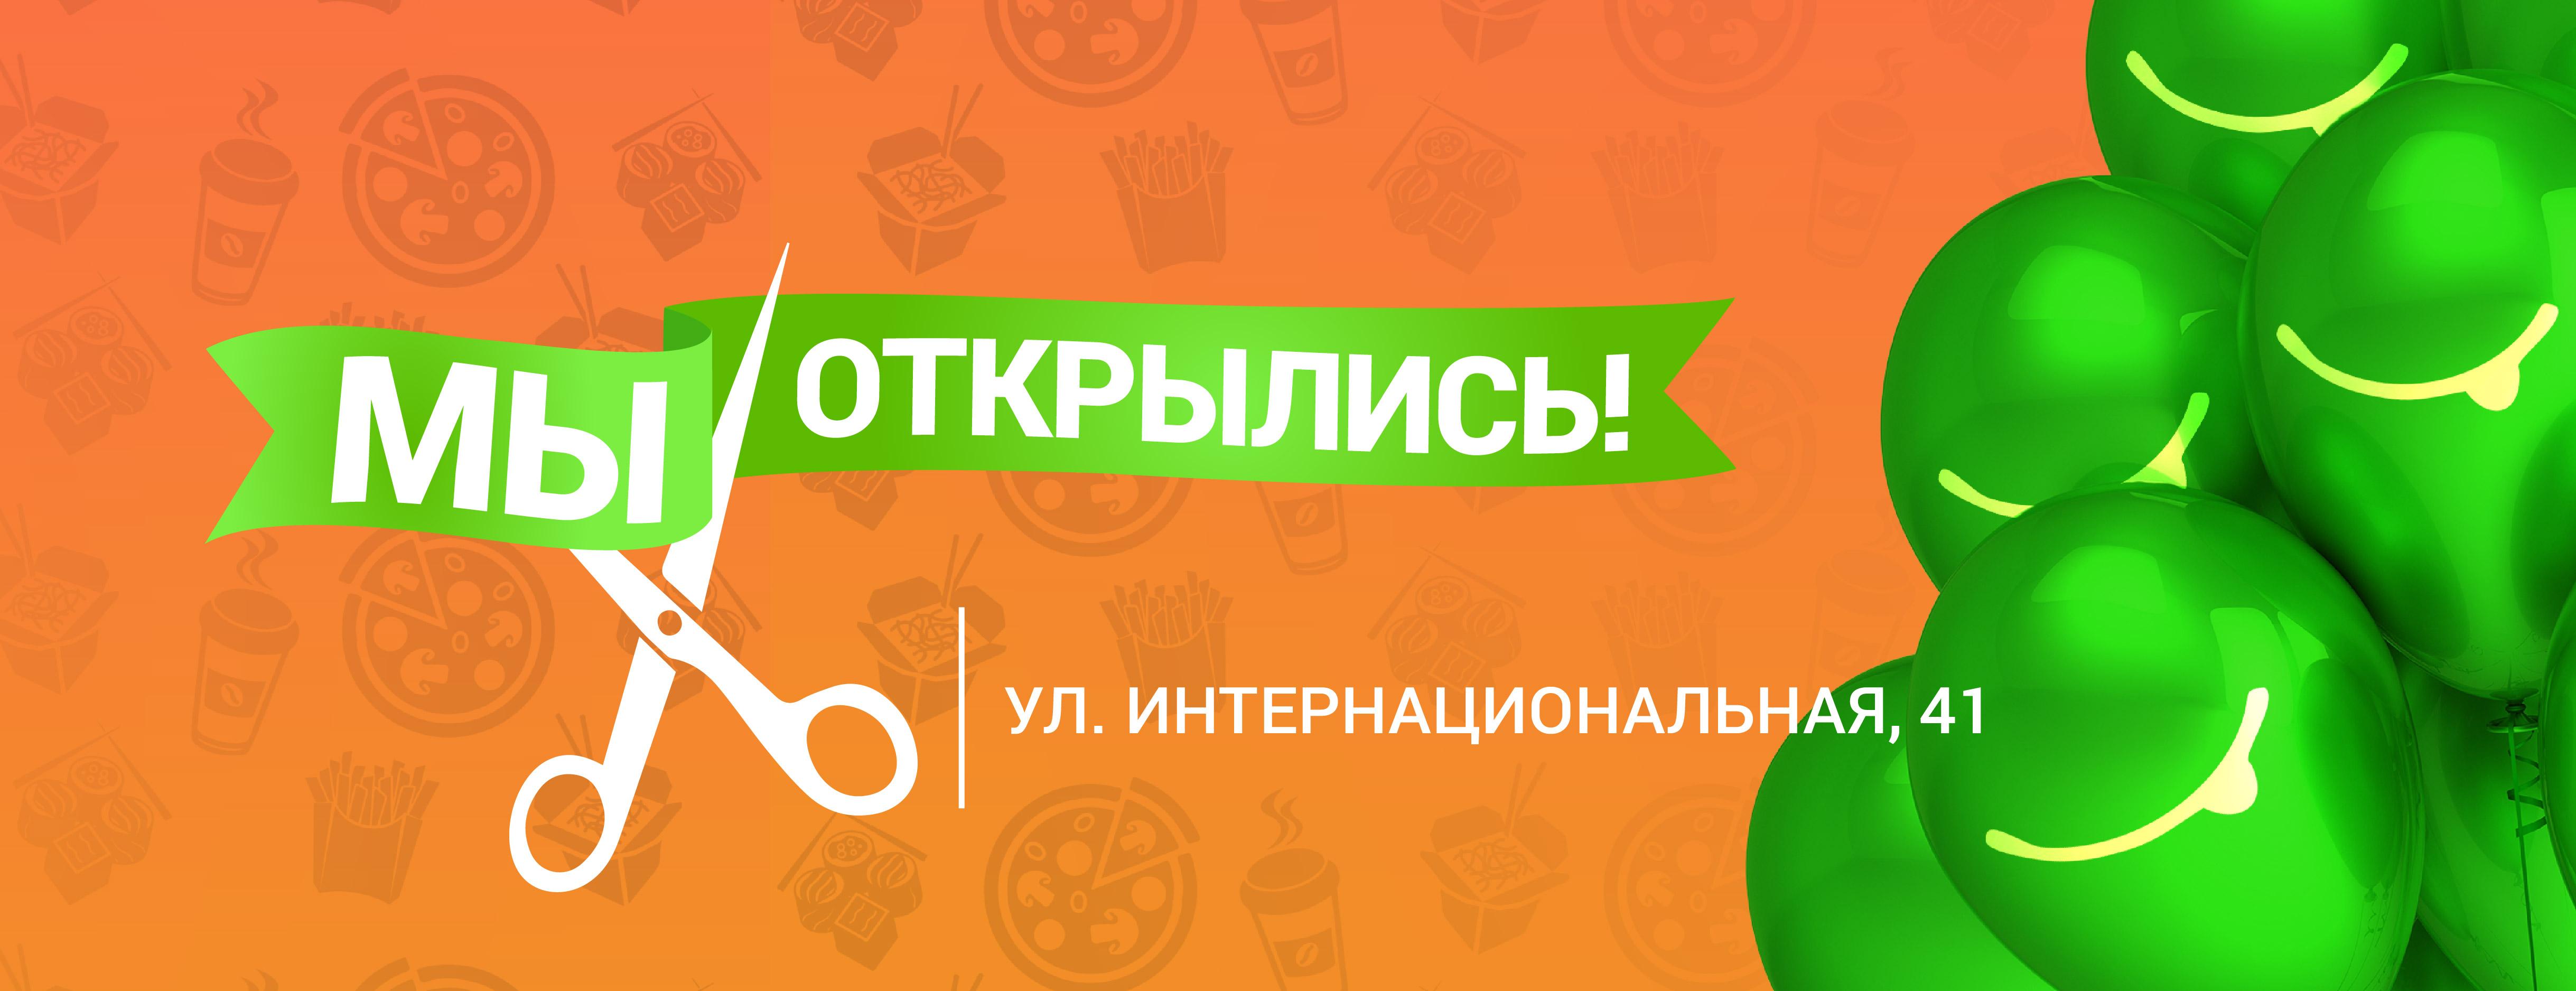 Оранж суши ульяновск официальный сайт меню доставка